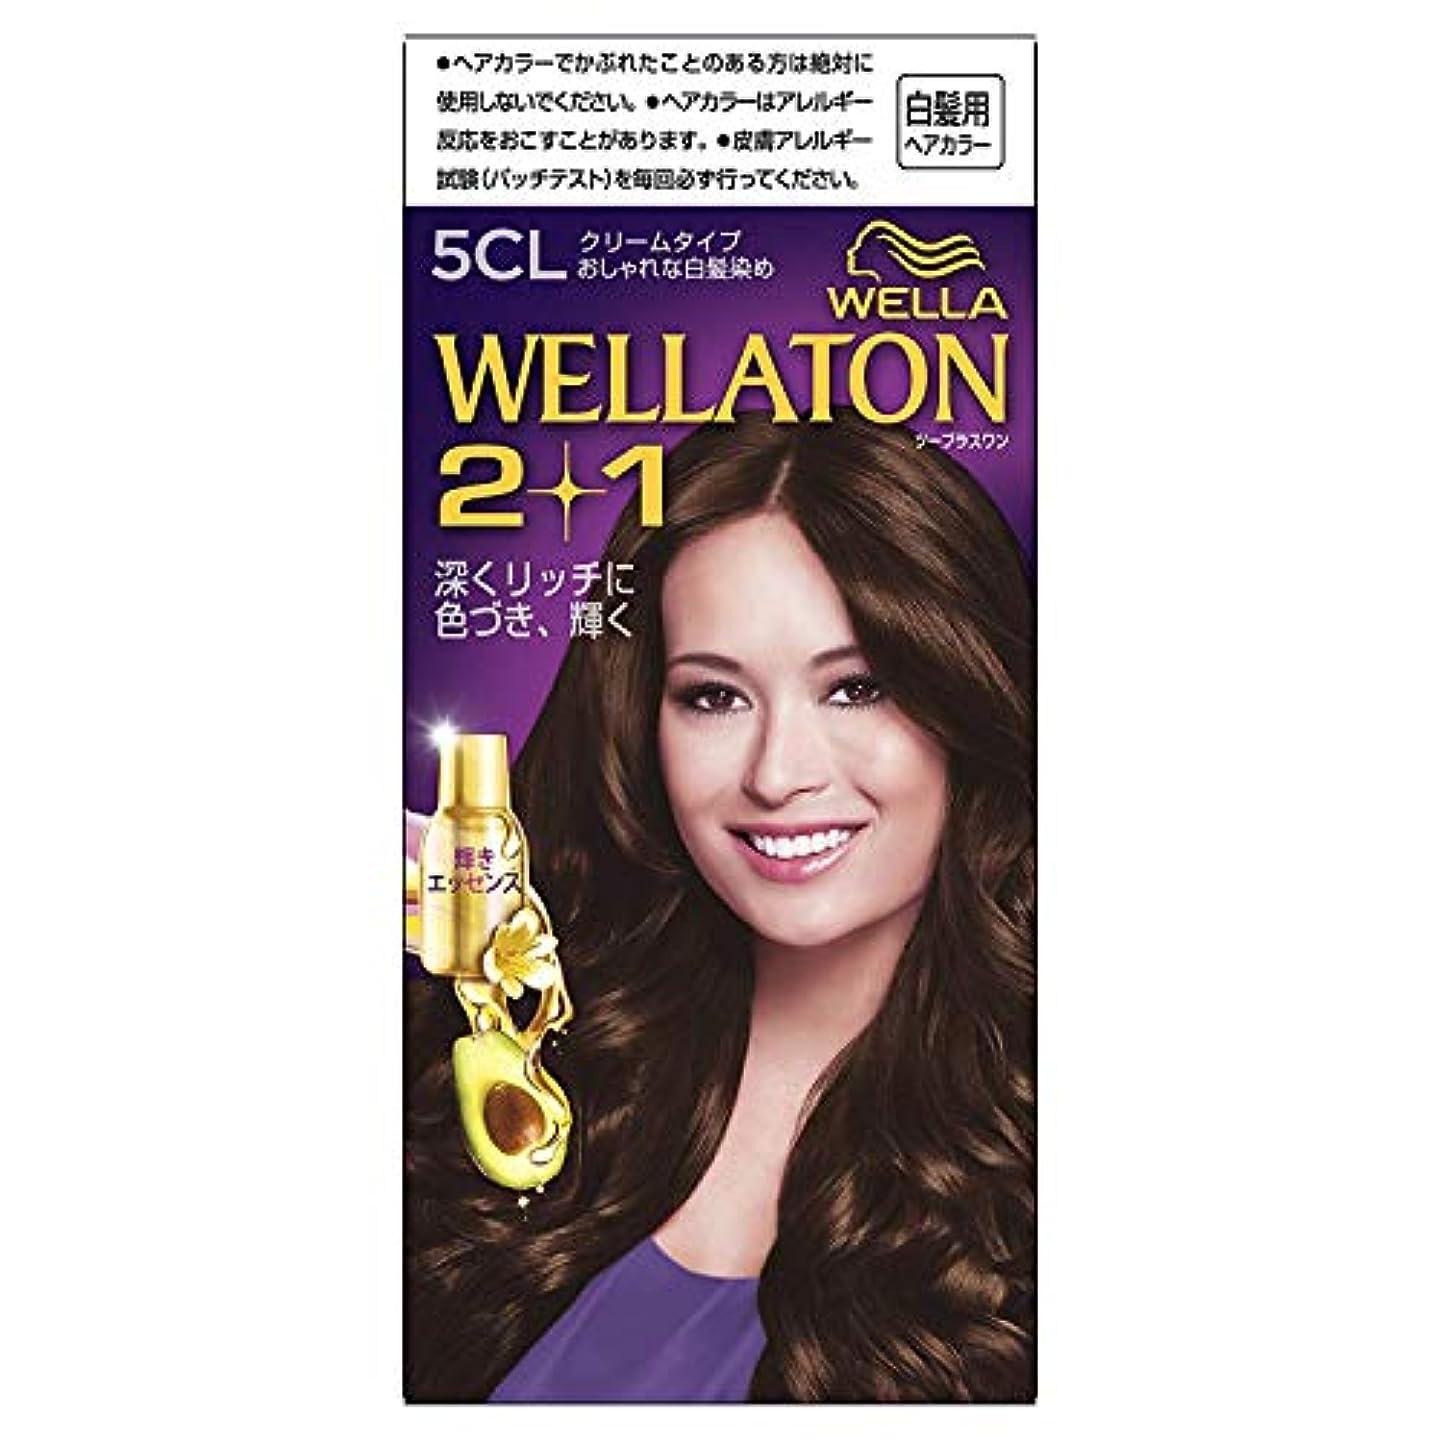 材料パトロン放出ウエラトーン2+1 クリームタイプ 5CL [医薬部外品] ×6個